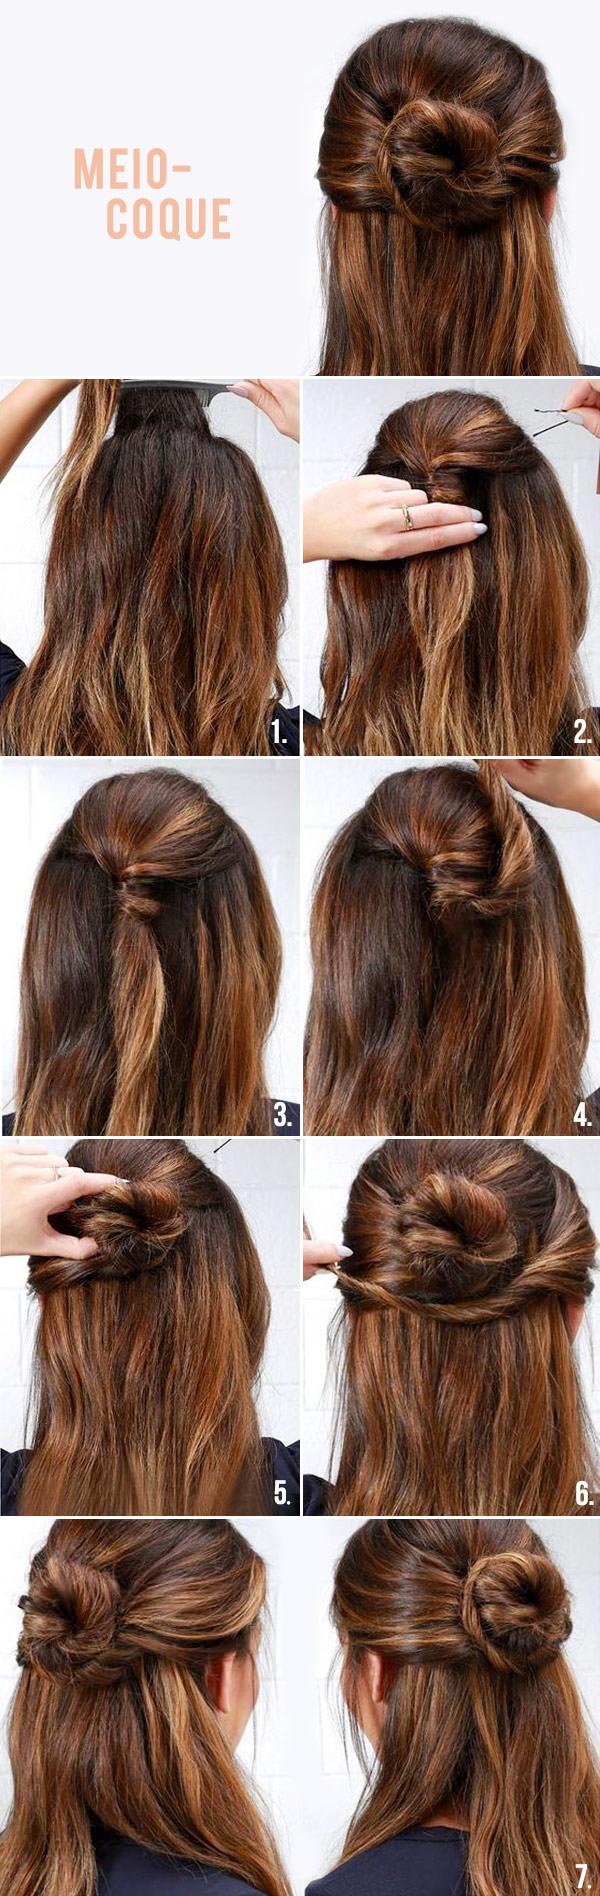 tutorial-penteado-meio-coque